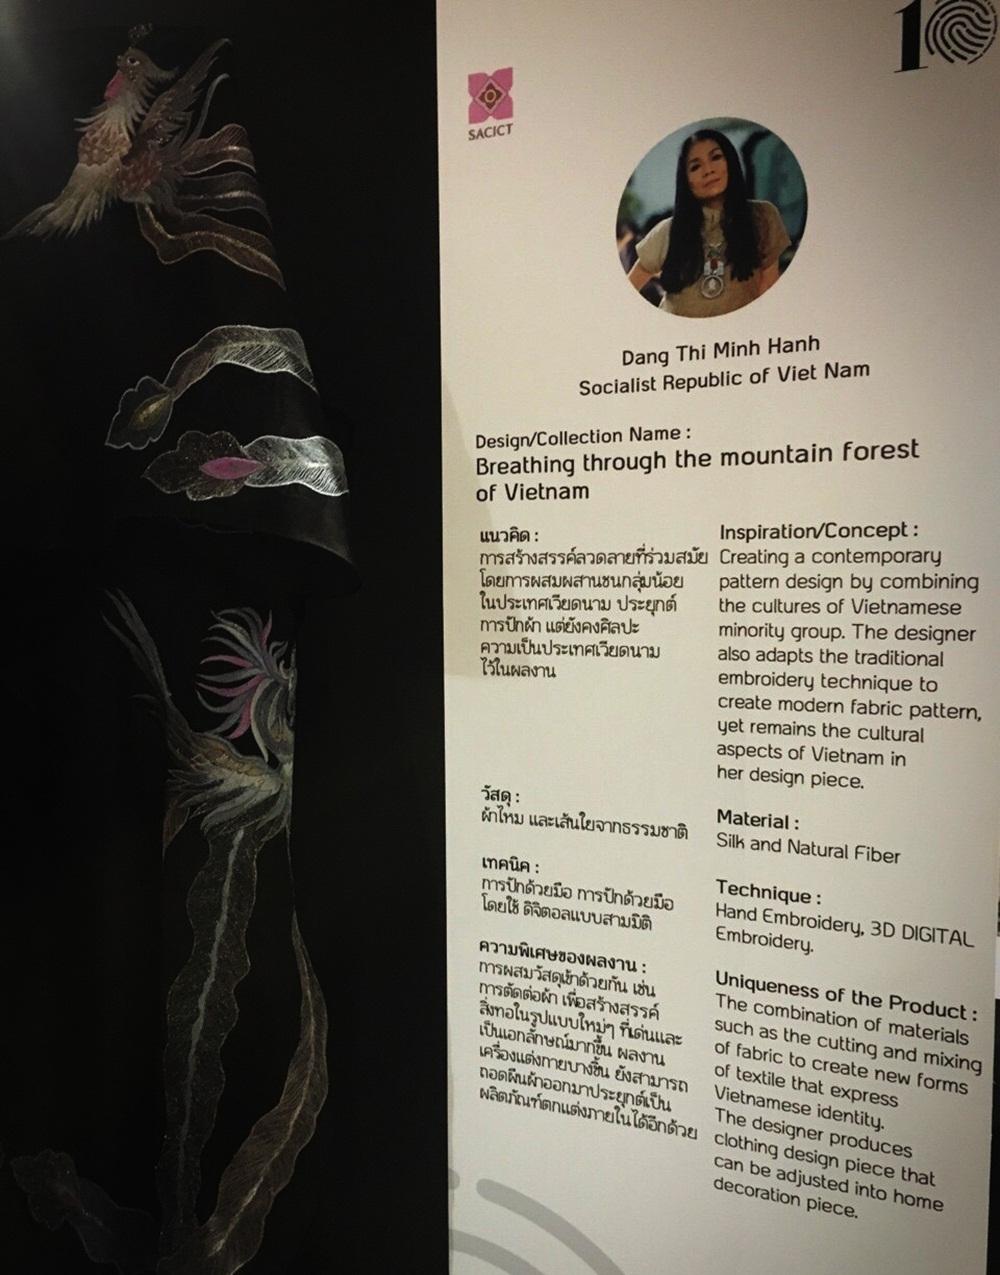 """Với câu chuyện kể: """"Thời trang đến từ núi rừng Việt Nam"""", nhiều quan khách cho rằng NTK Minh Hạnh có tư duy đột phá khi dùng chất liệu truyền thống vào thời trang từ hơn 20 năm trước."""